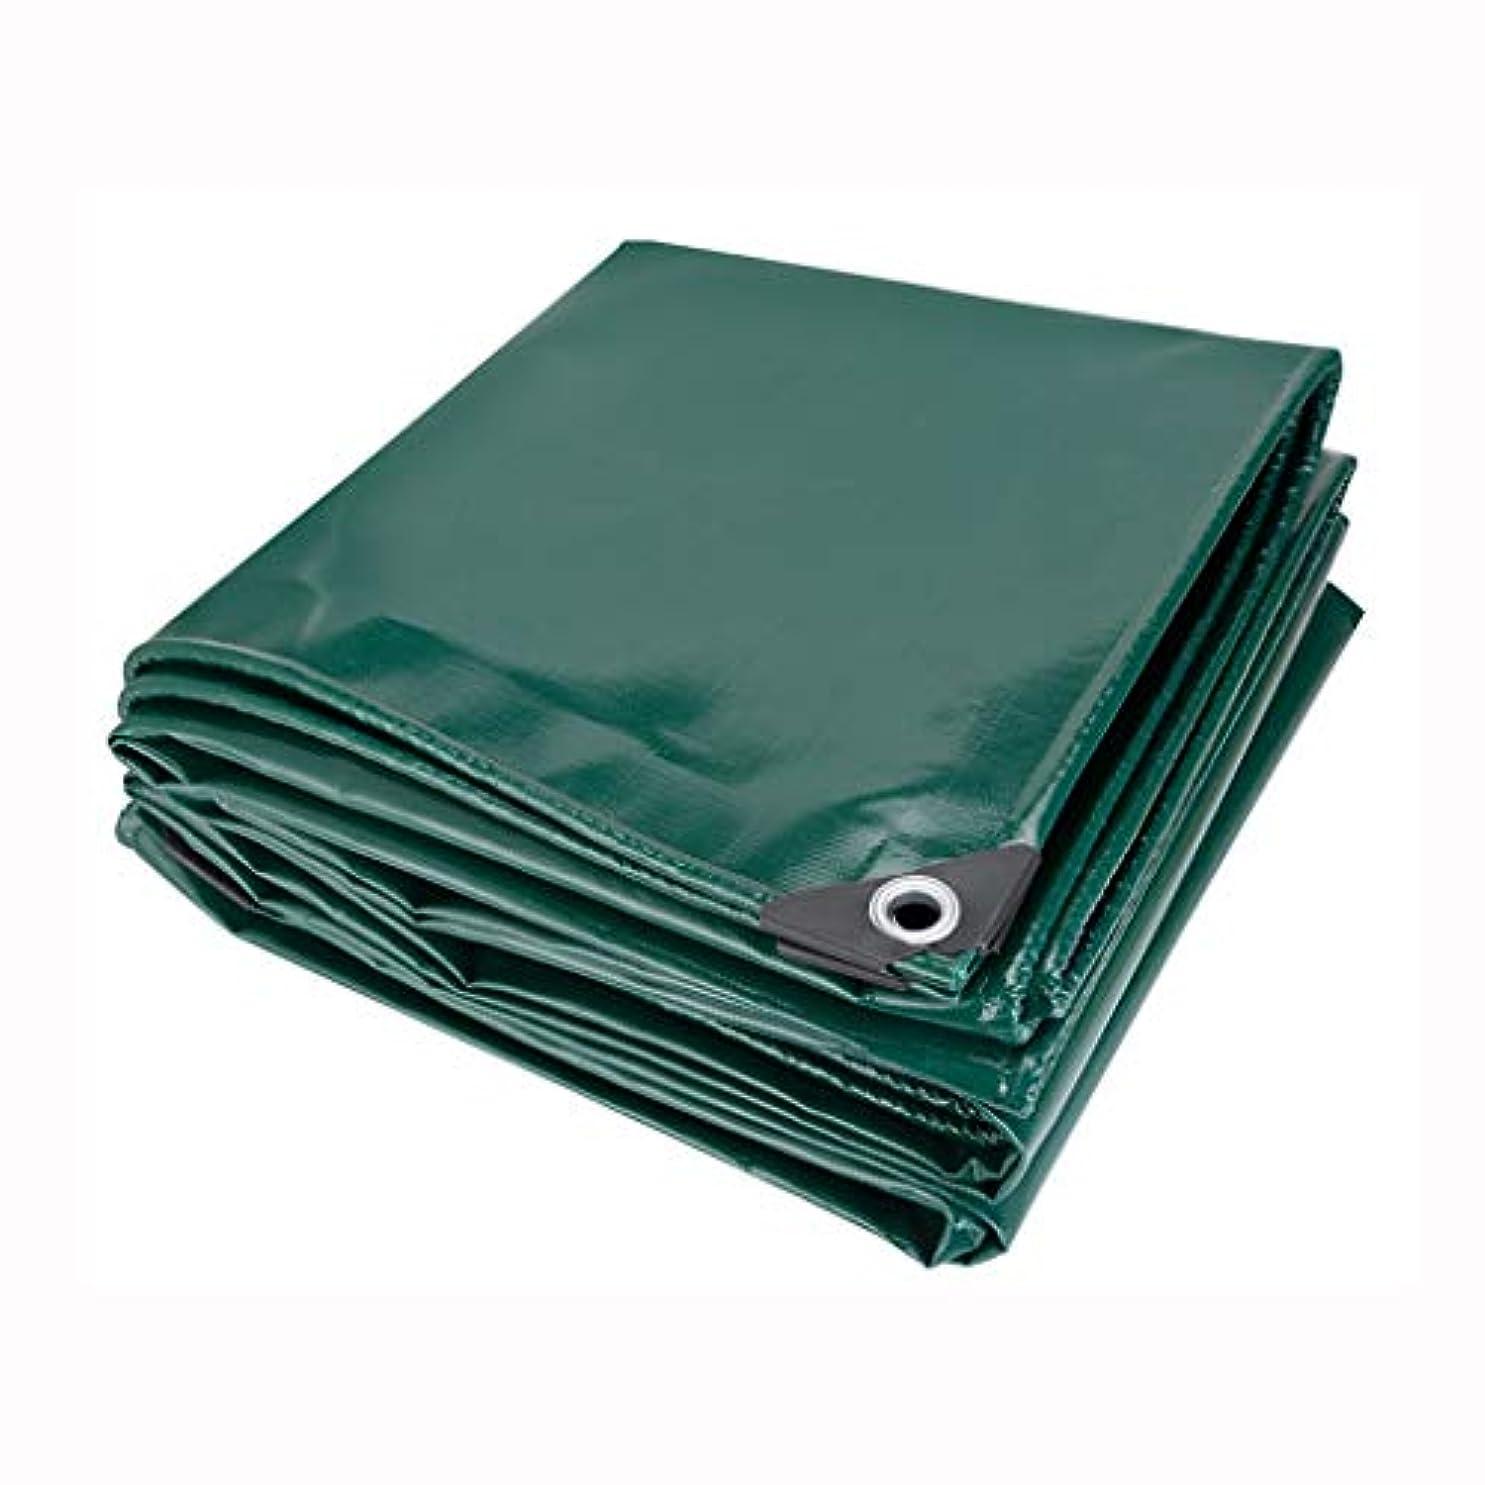 惨めな混合した特別なアウトドア ターポリン極太ターポリンナイフ掻き布レインクロス厚キャンバス三反布アウトドアサンシェードオーニングシェルター テント (Color : Green, Size : 300*300cm)